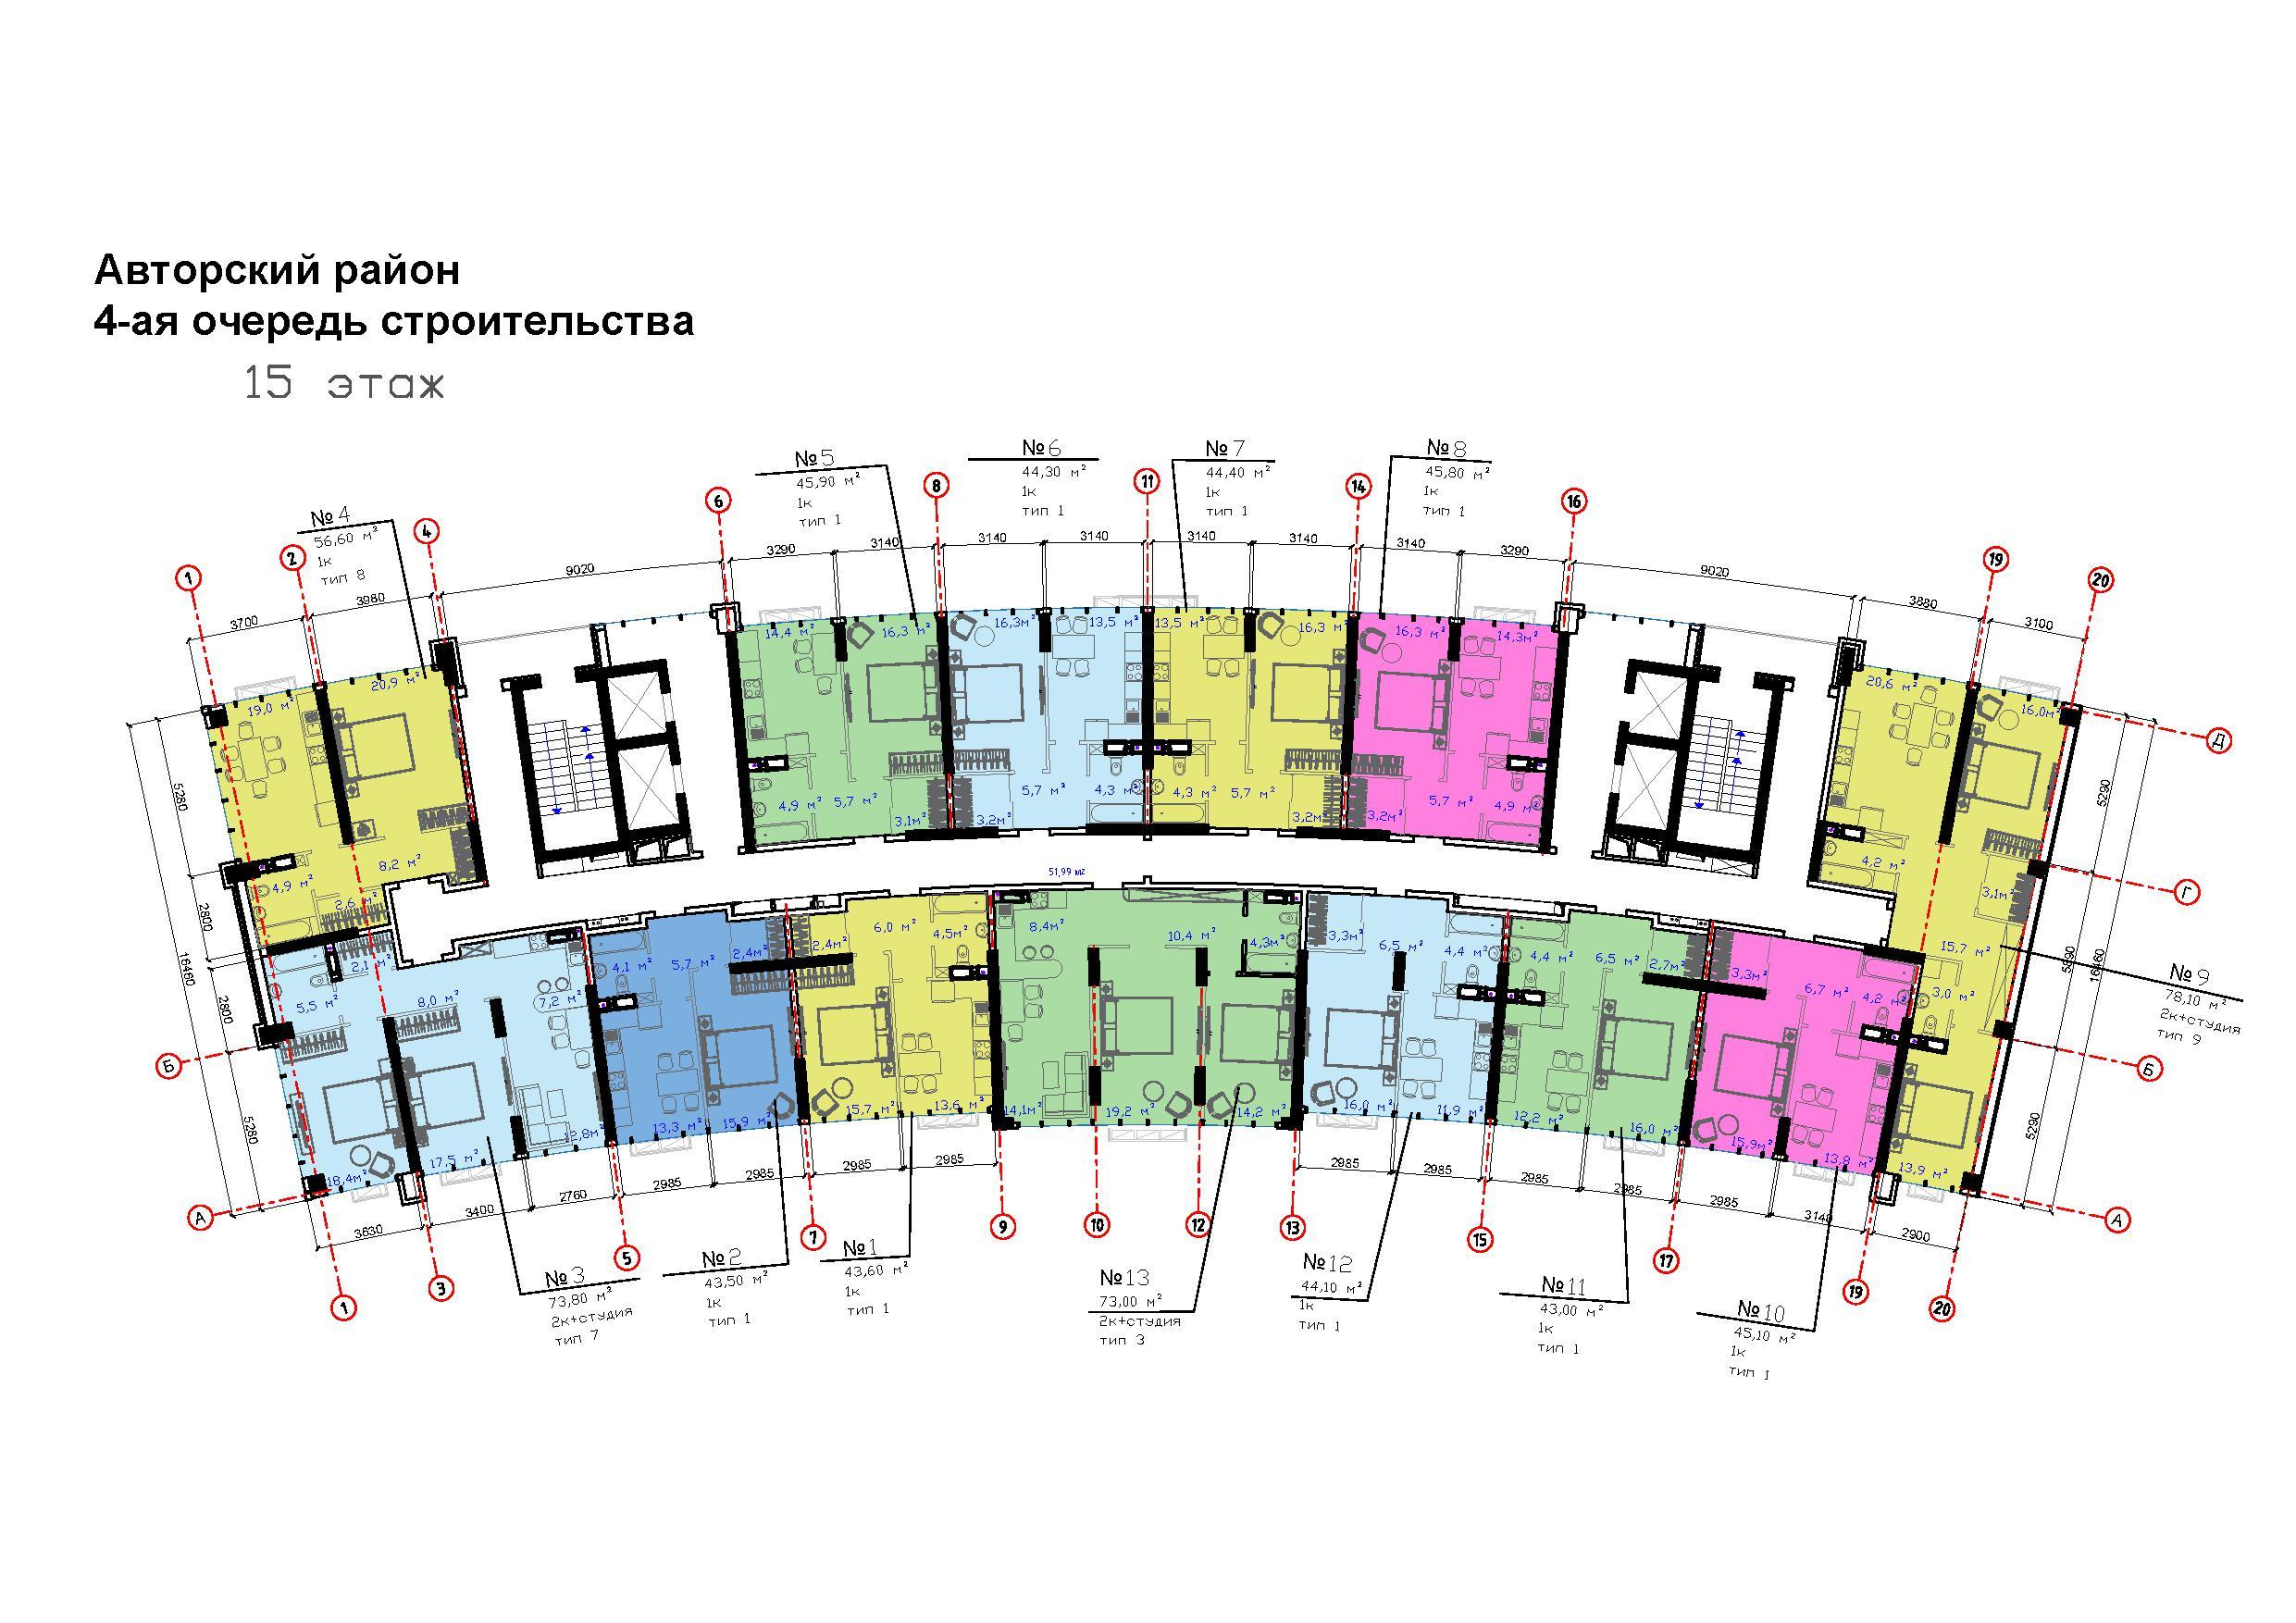 ЖК Авторский район 4 очередь план 15 этажа